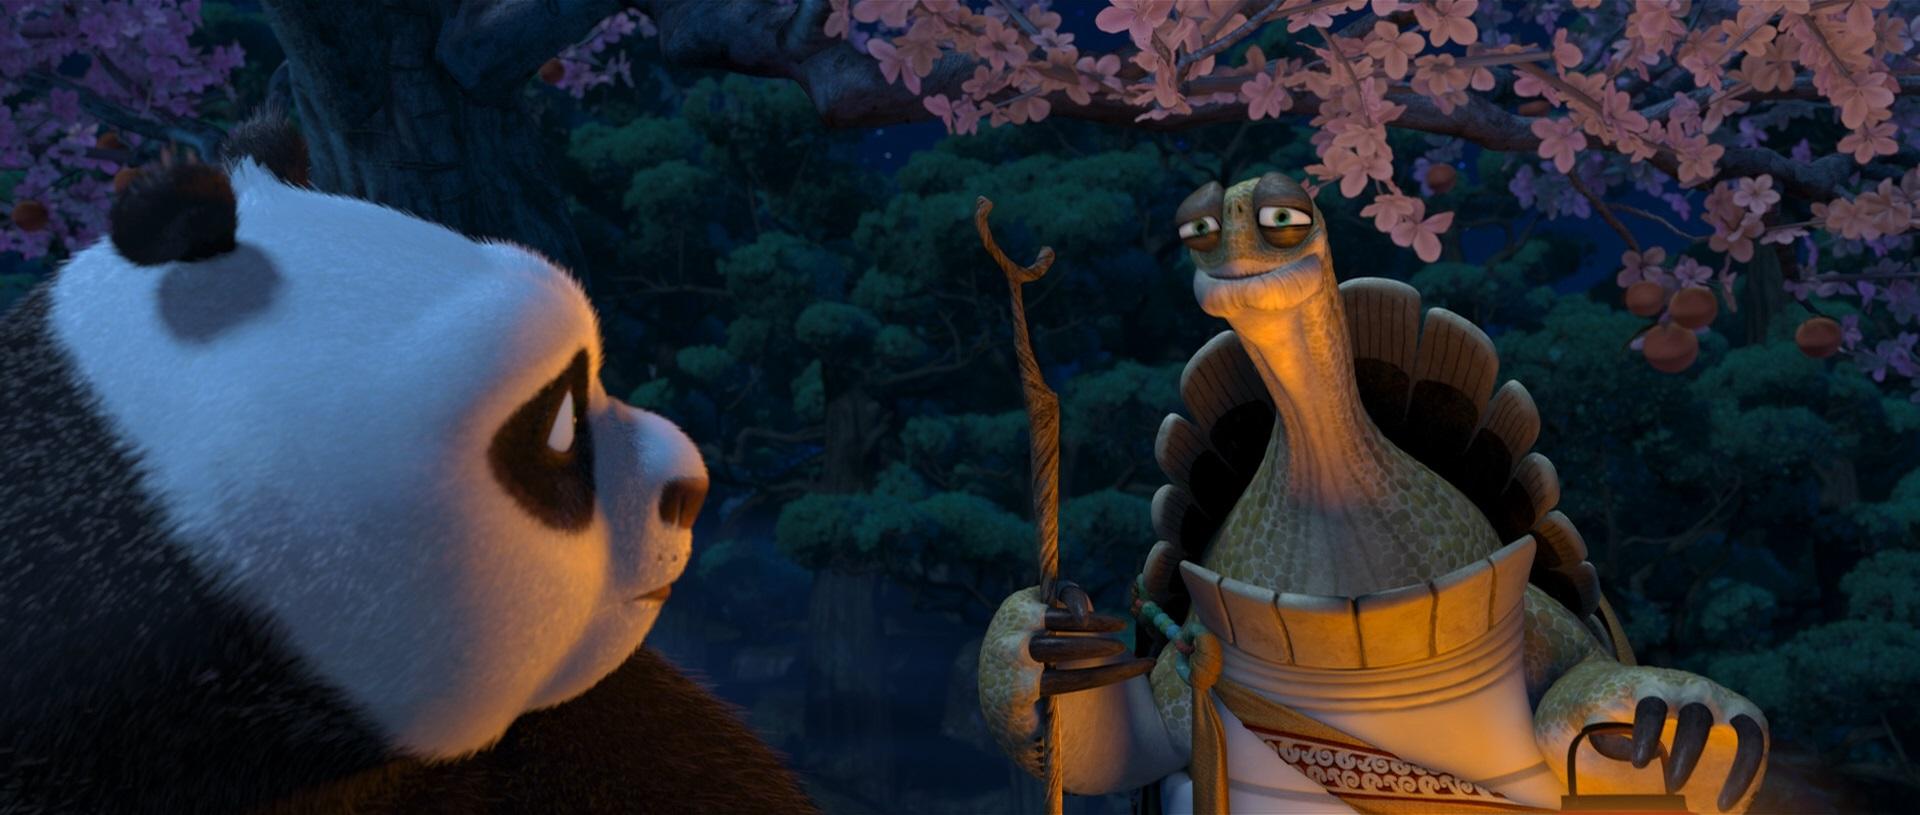 Kung Fu Panda 2008 Recensione Del Film Di Animazione Dreamworks